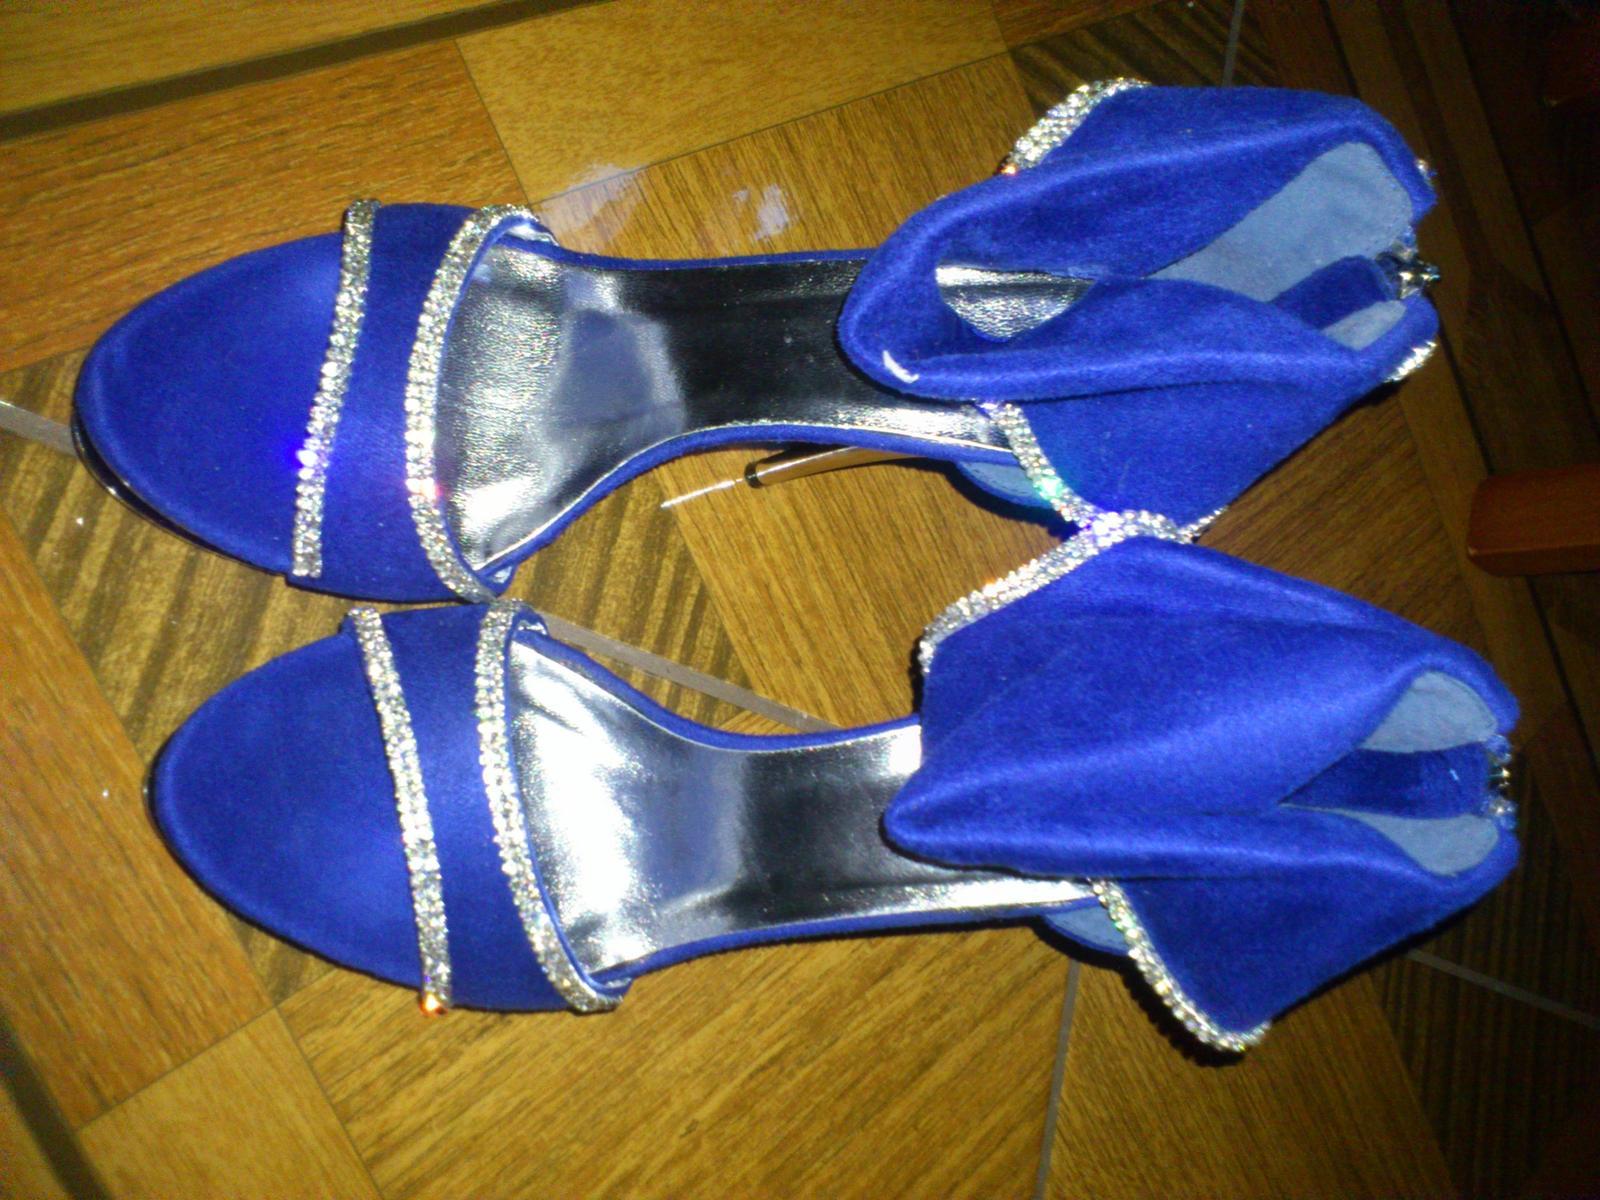 Sandálky - Obrázok č. 4